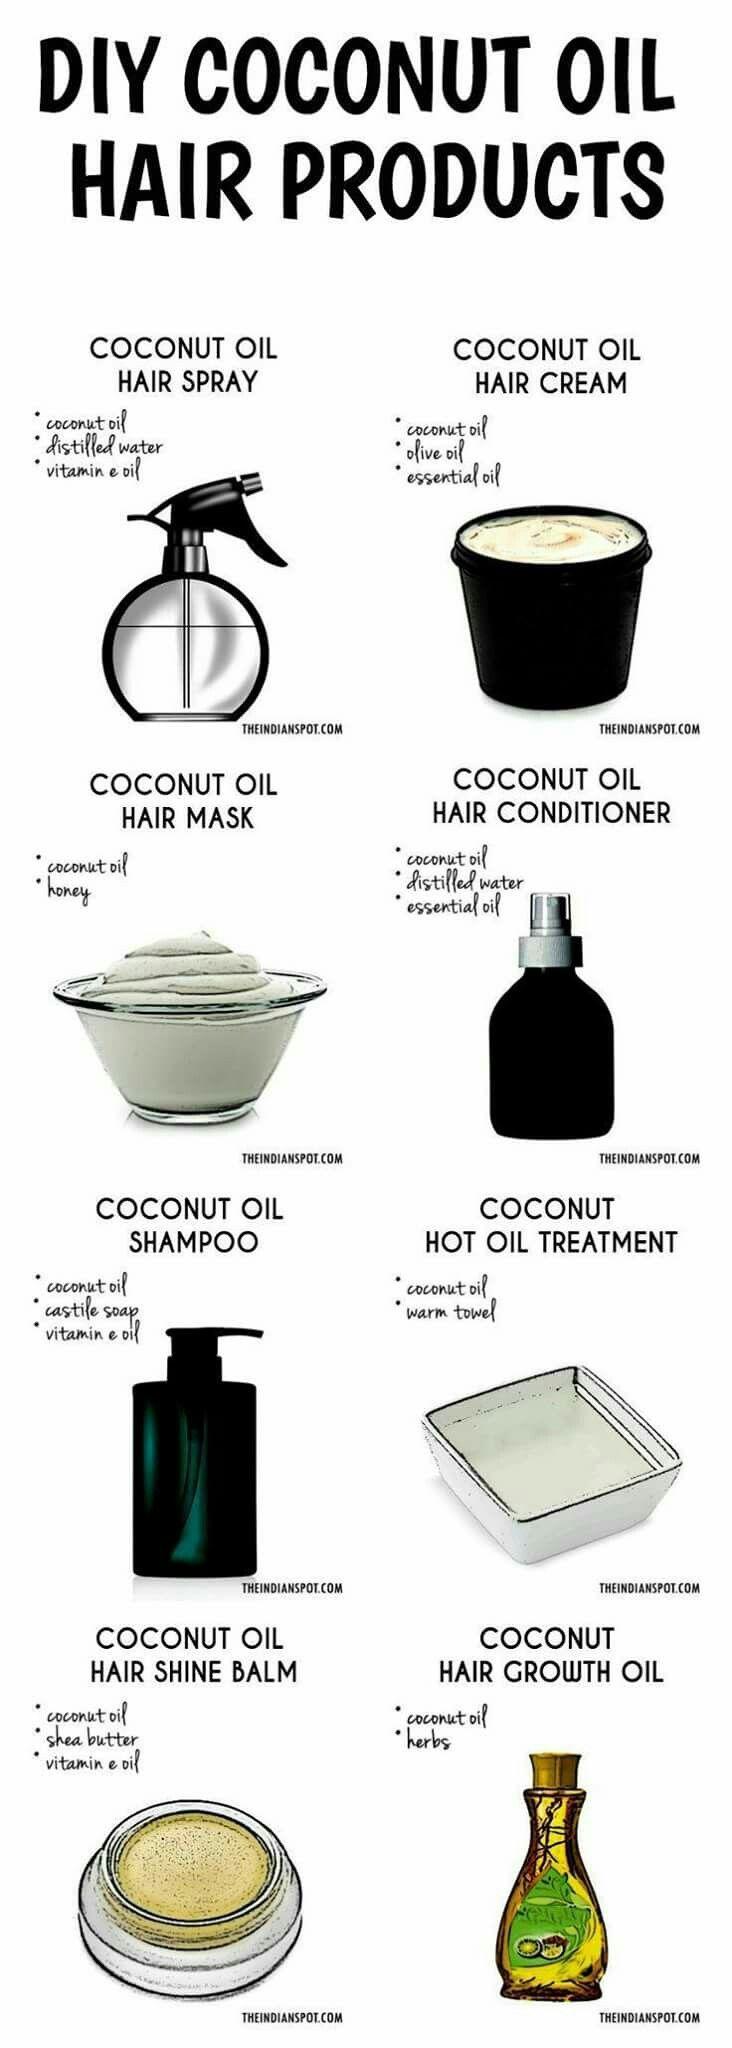 Diy coconut oil hair products coconut oil diy hair